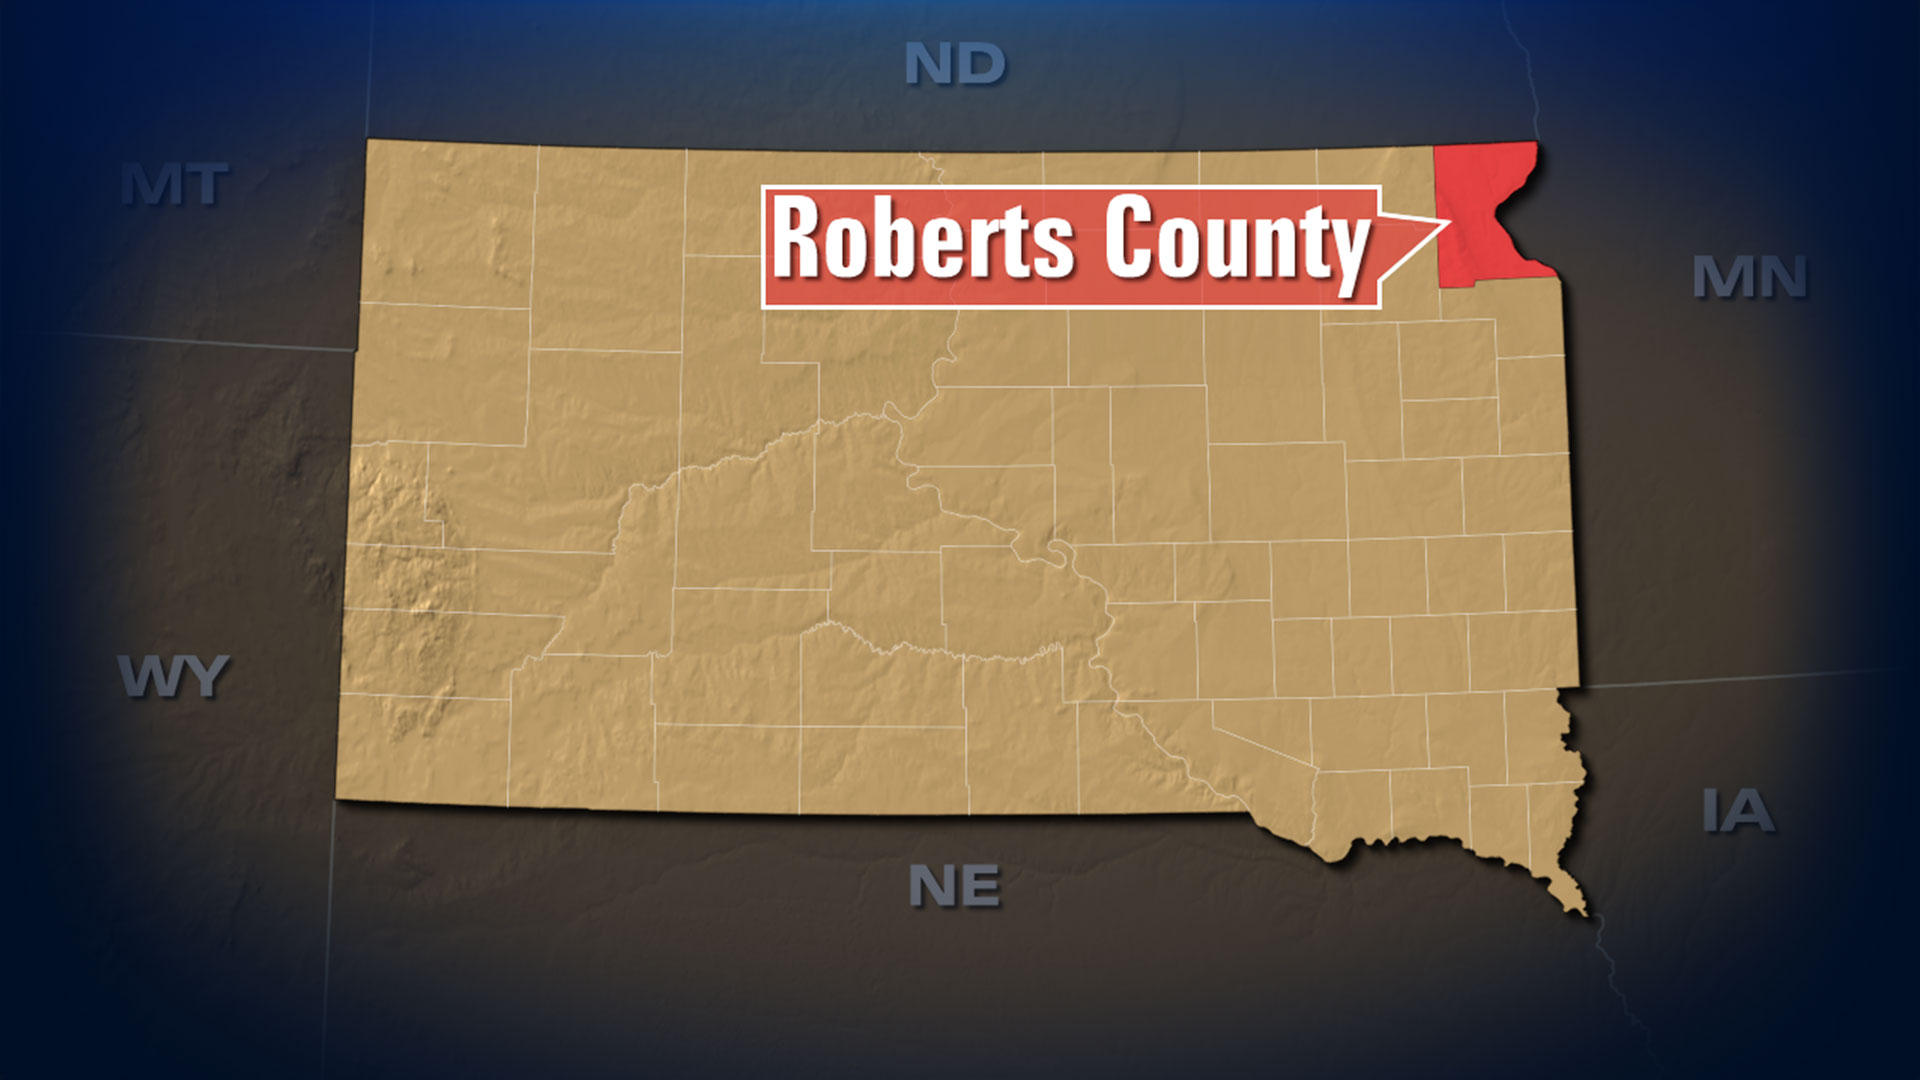 KELO Roberts County